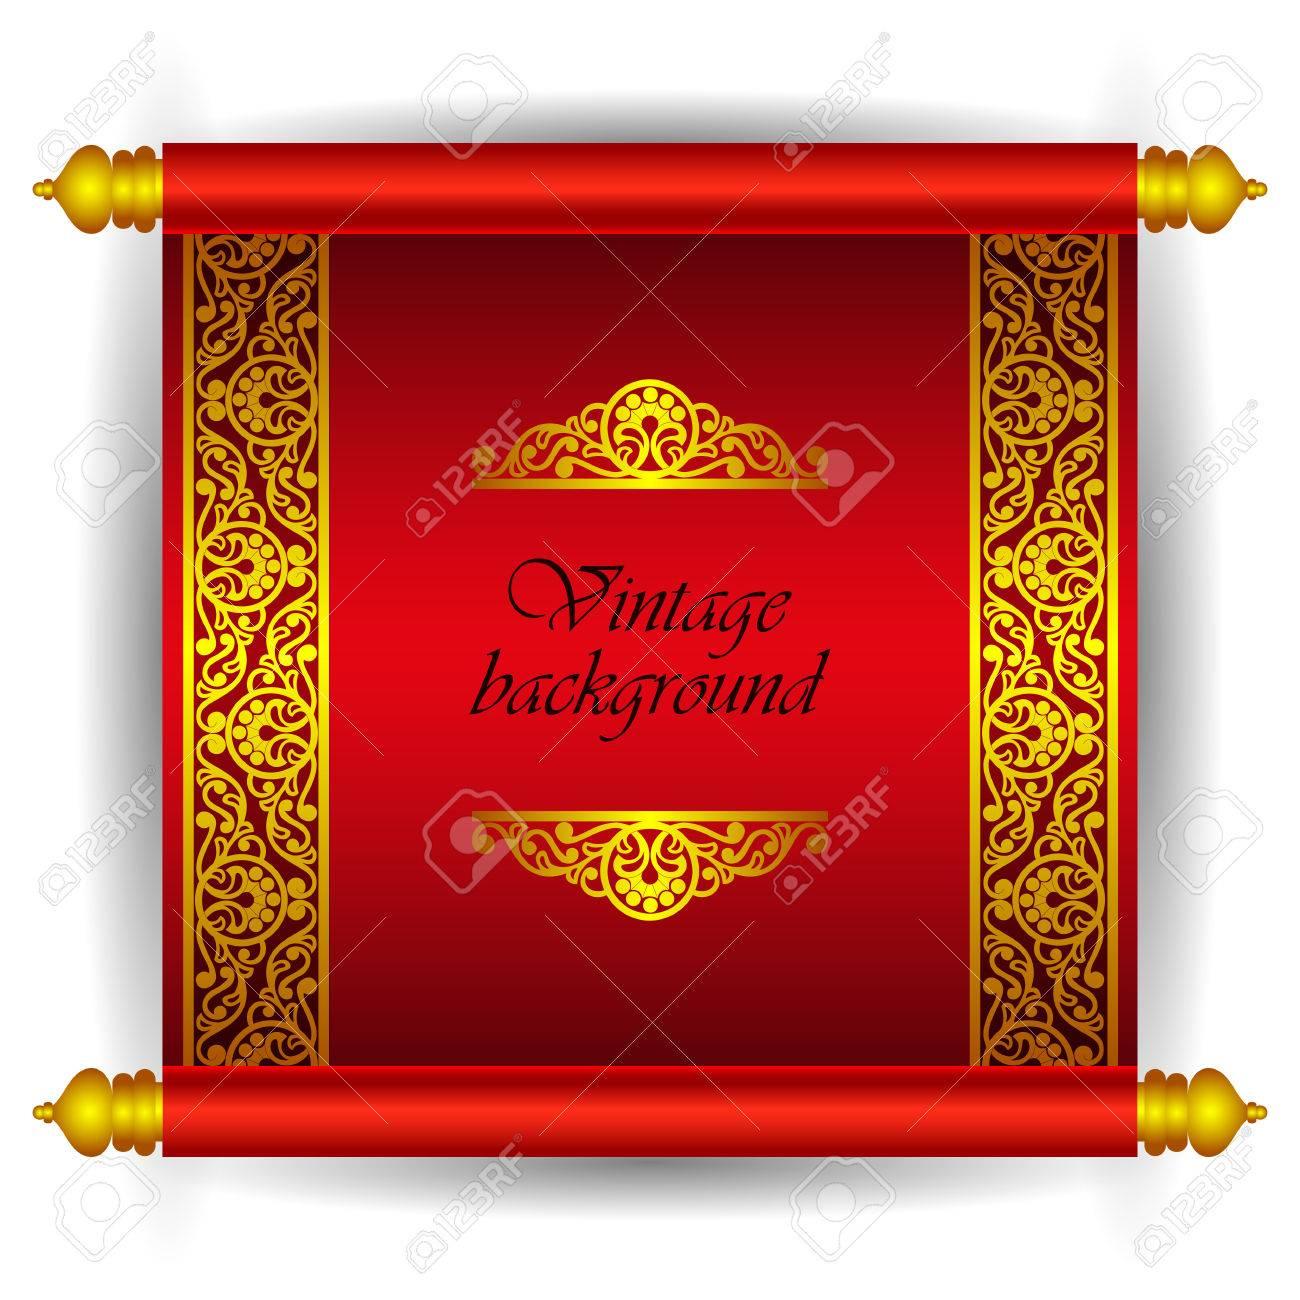 Vector Scroll Bannière Dans Le Style Arabe Marocain De Luxe Royal Or Ruban Motif Floral Sur Un Fond Rouge Comme Un Modèle Pour La Création